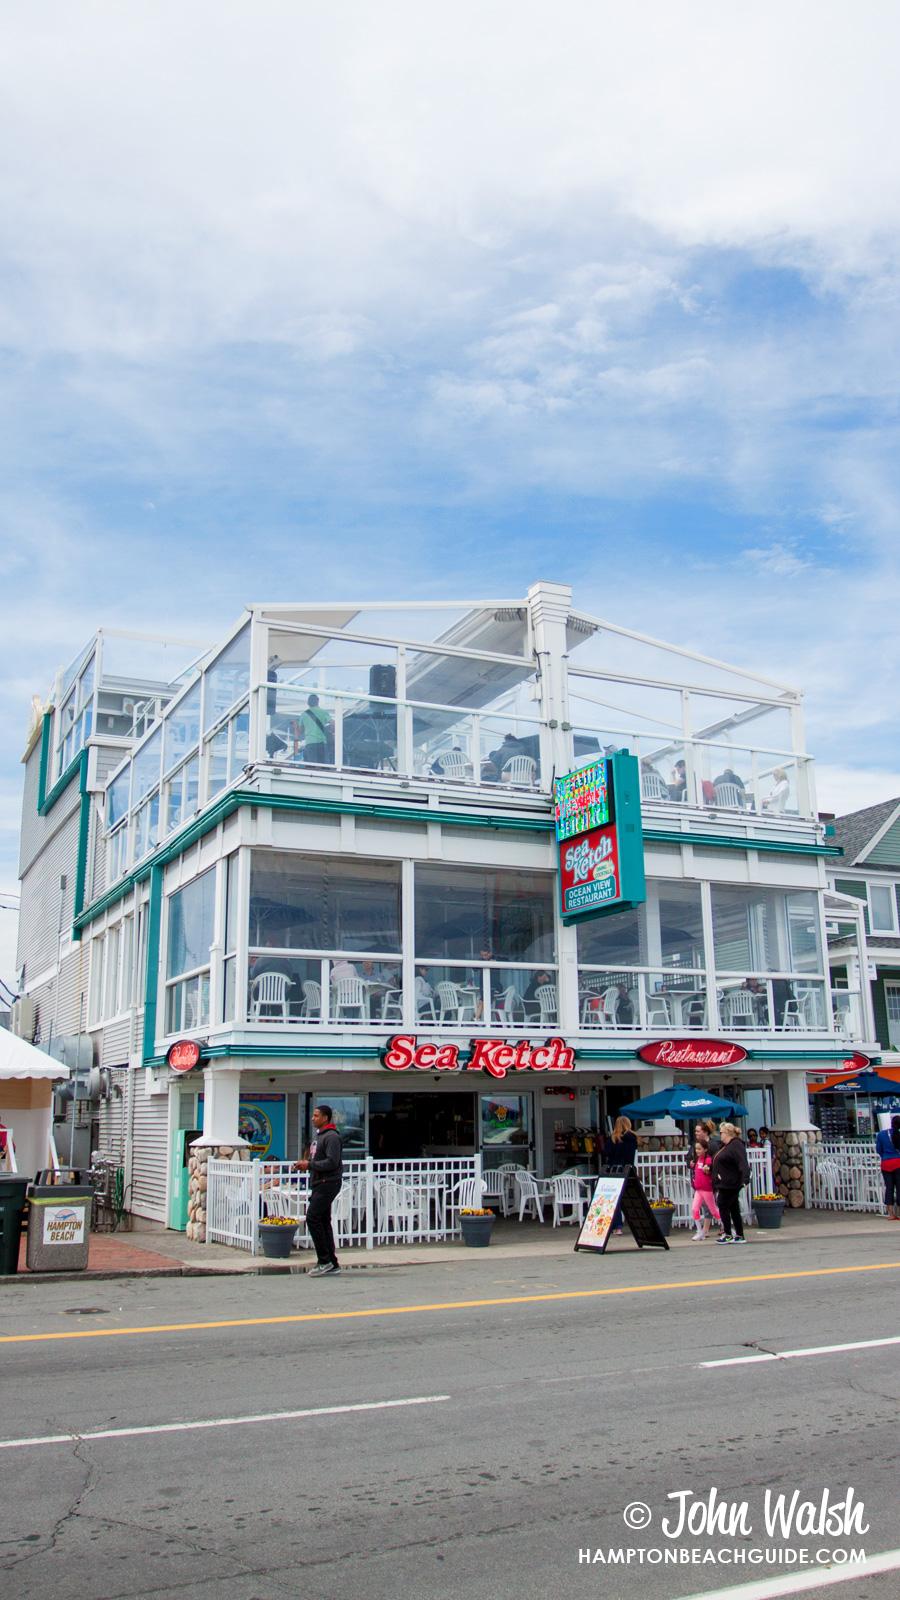 Hampton Beach Nh Sea Ketch 0025a